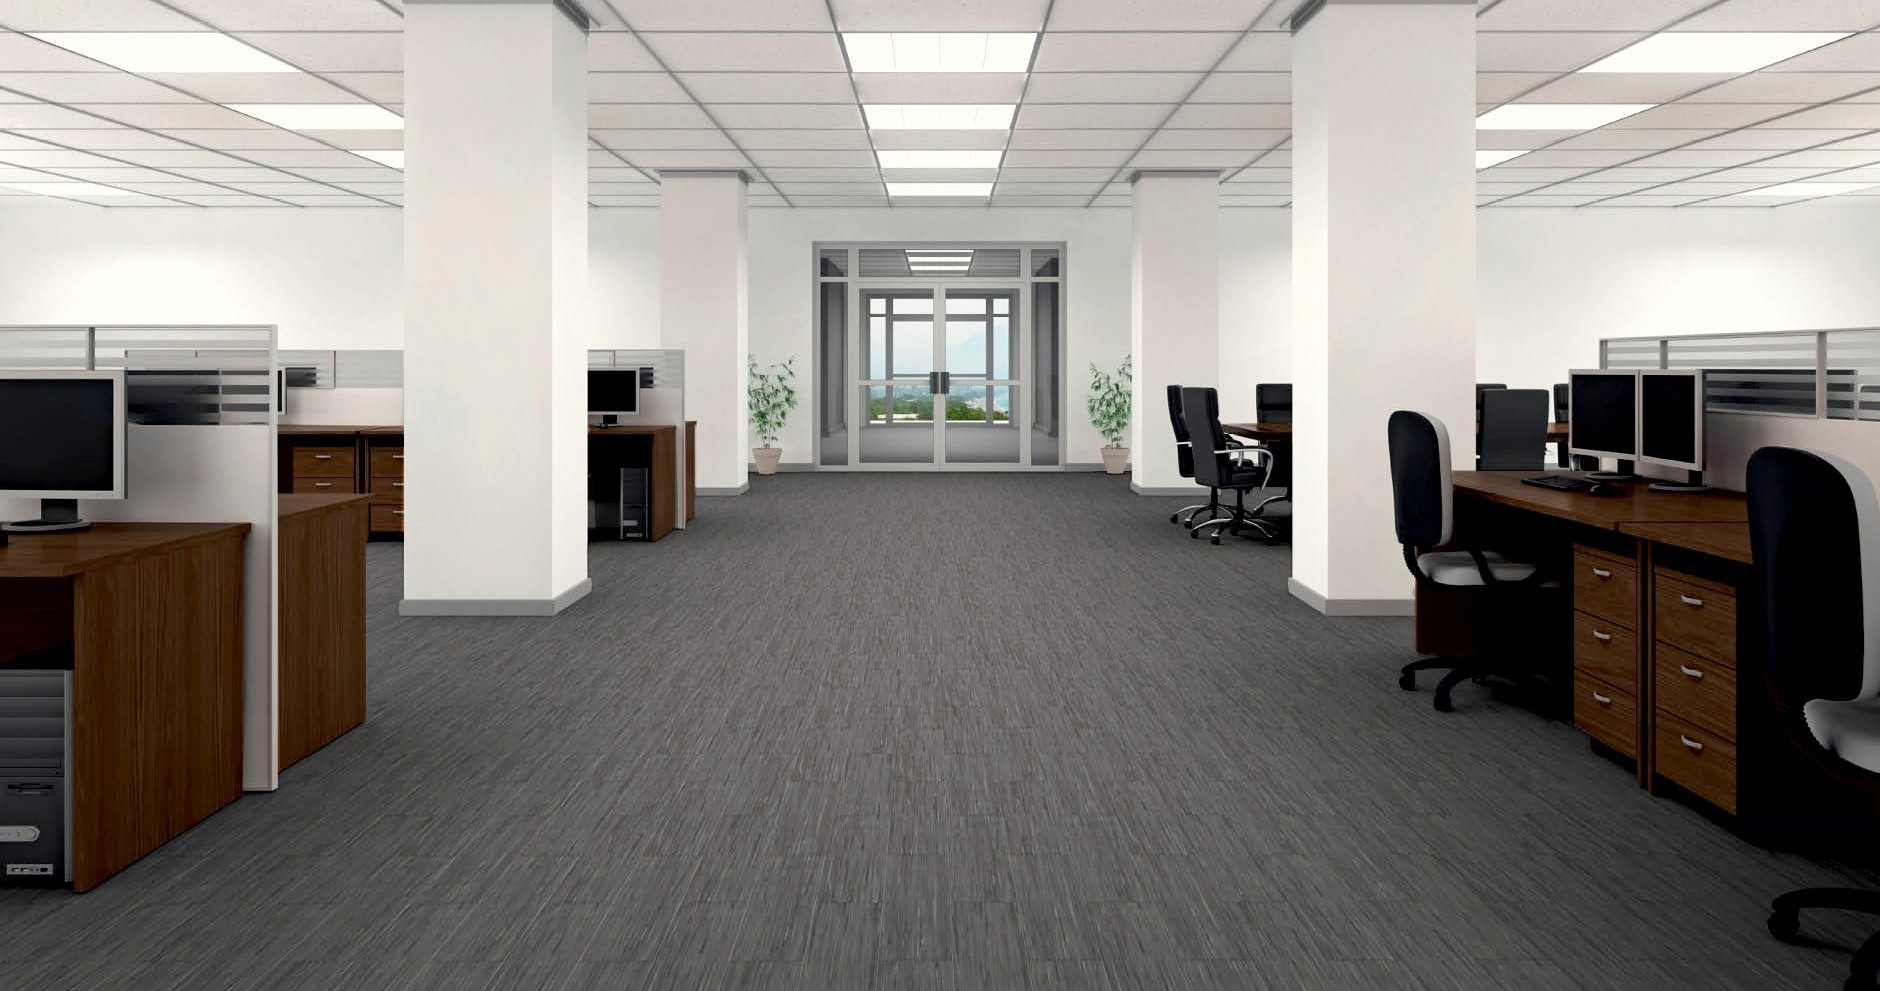 Lựa chọn thảm trải sàn cho nội thất văn phòng